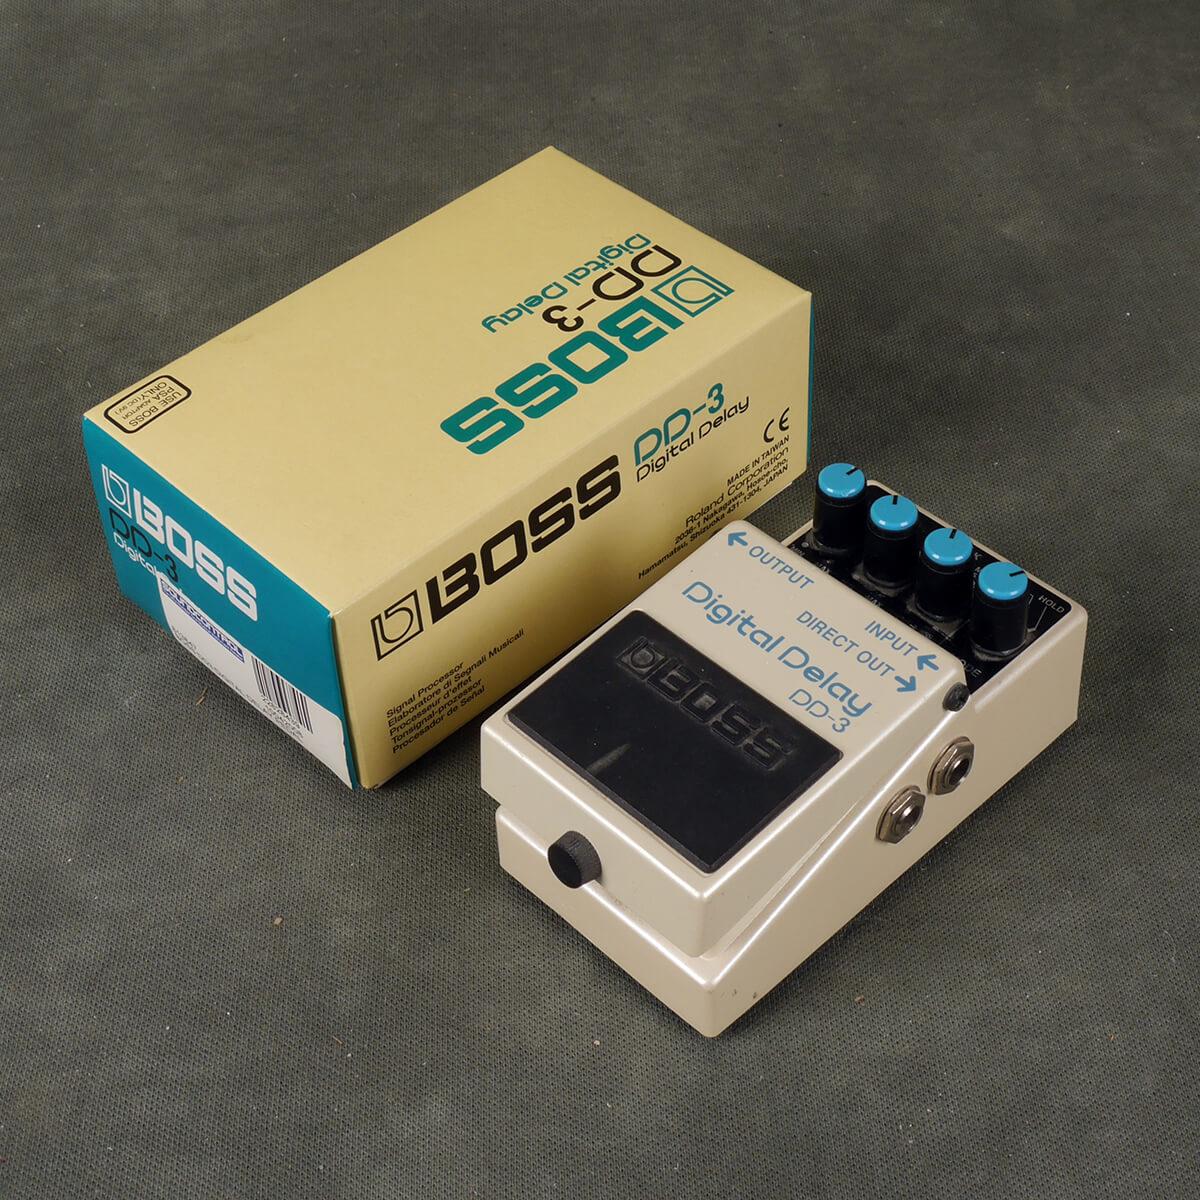 Boss DD-3 Digital Delay FX Pedal w/Box - 2nd Hand